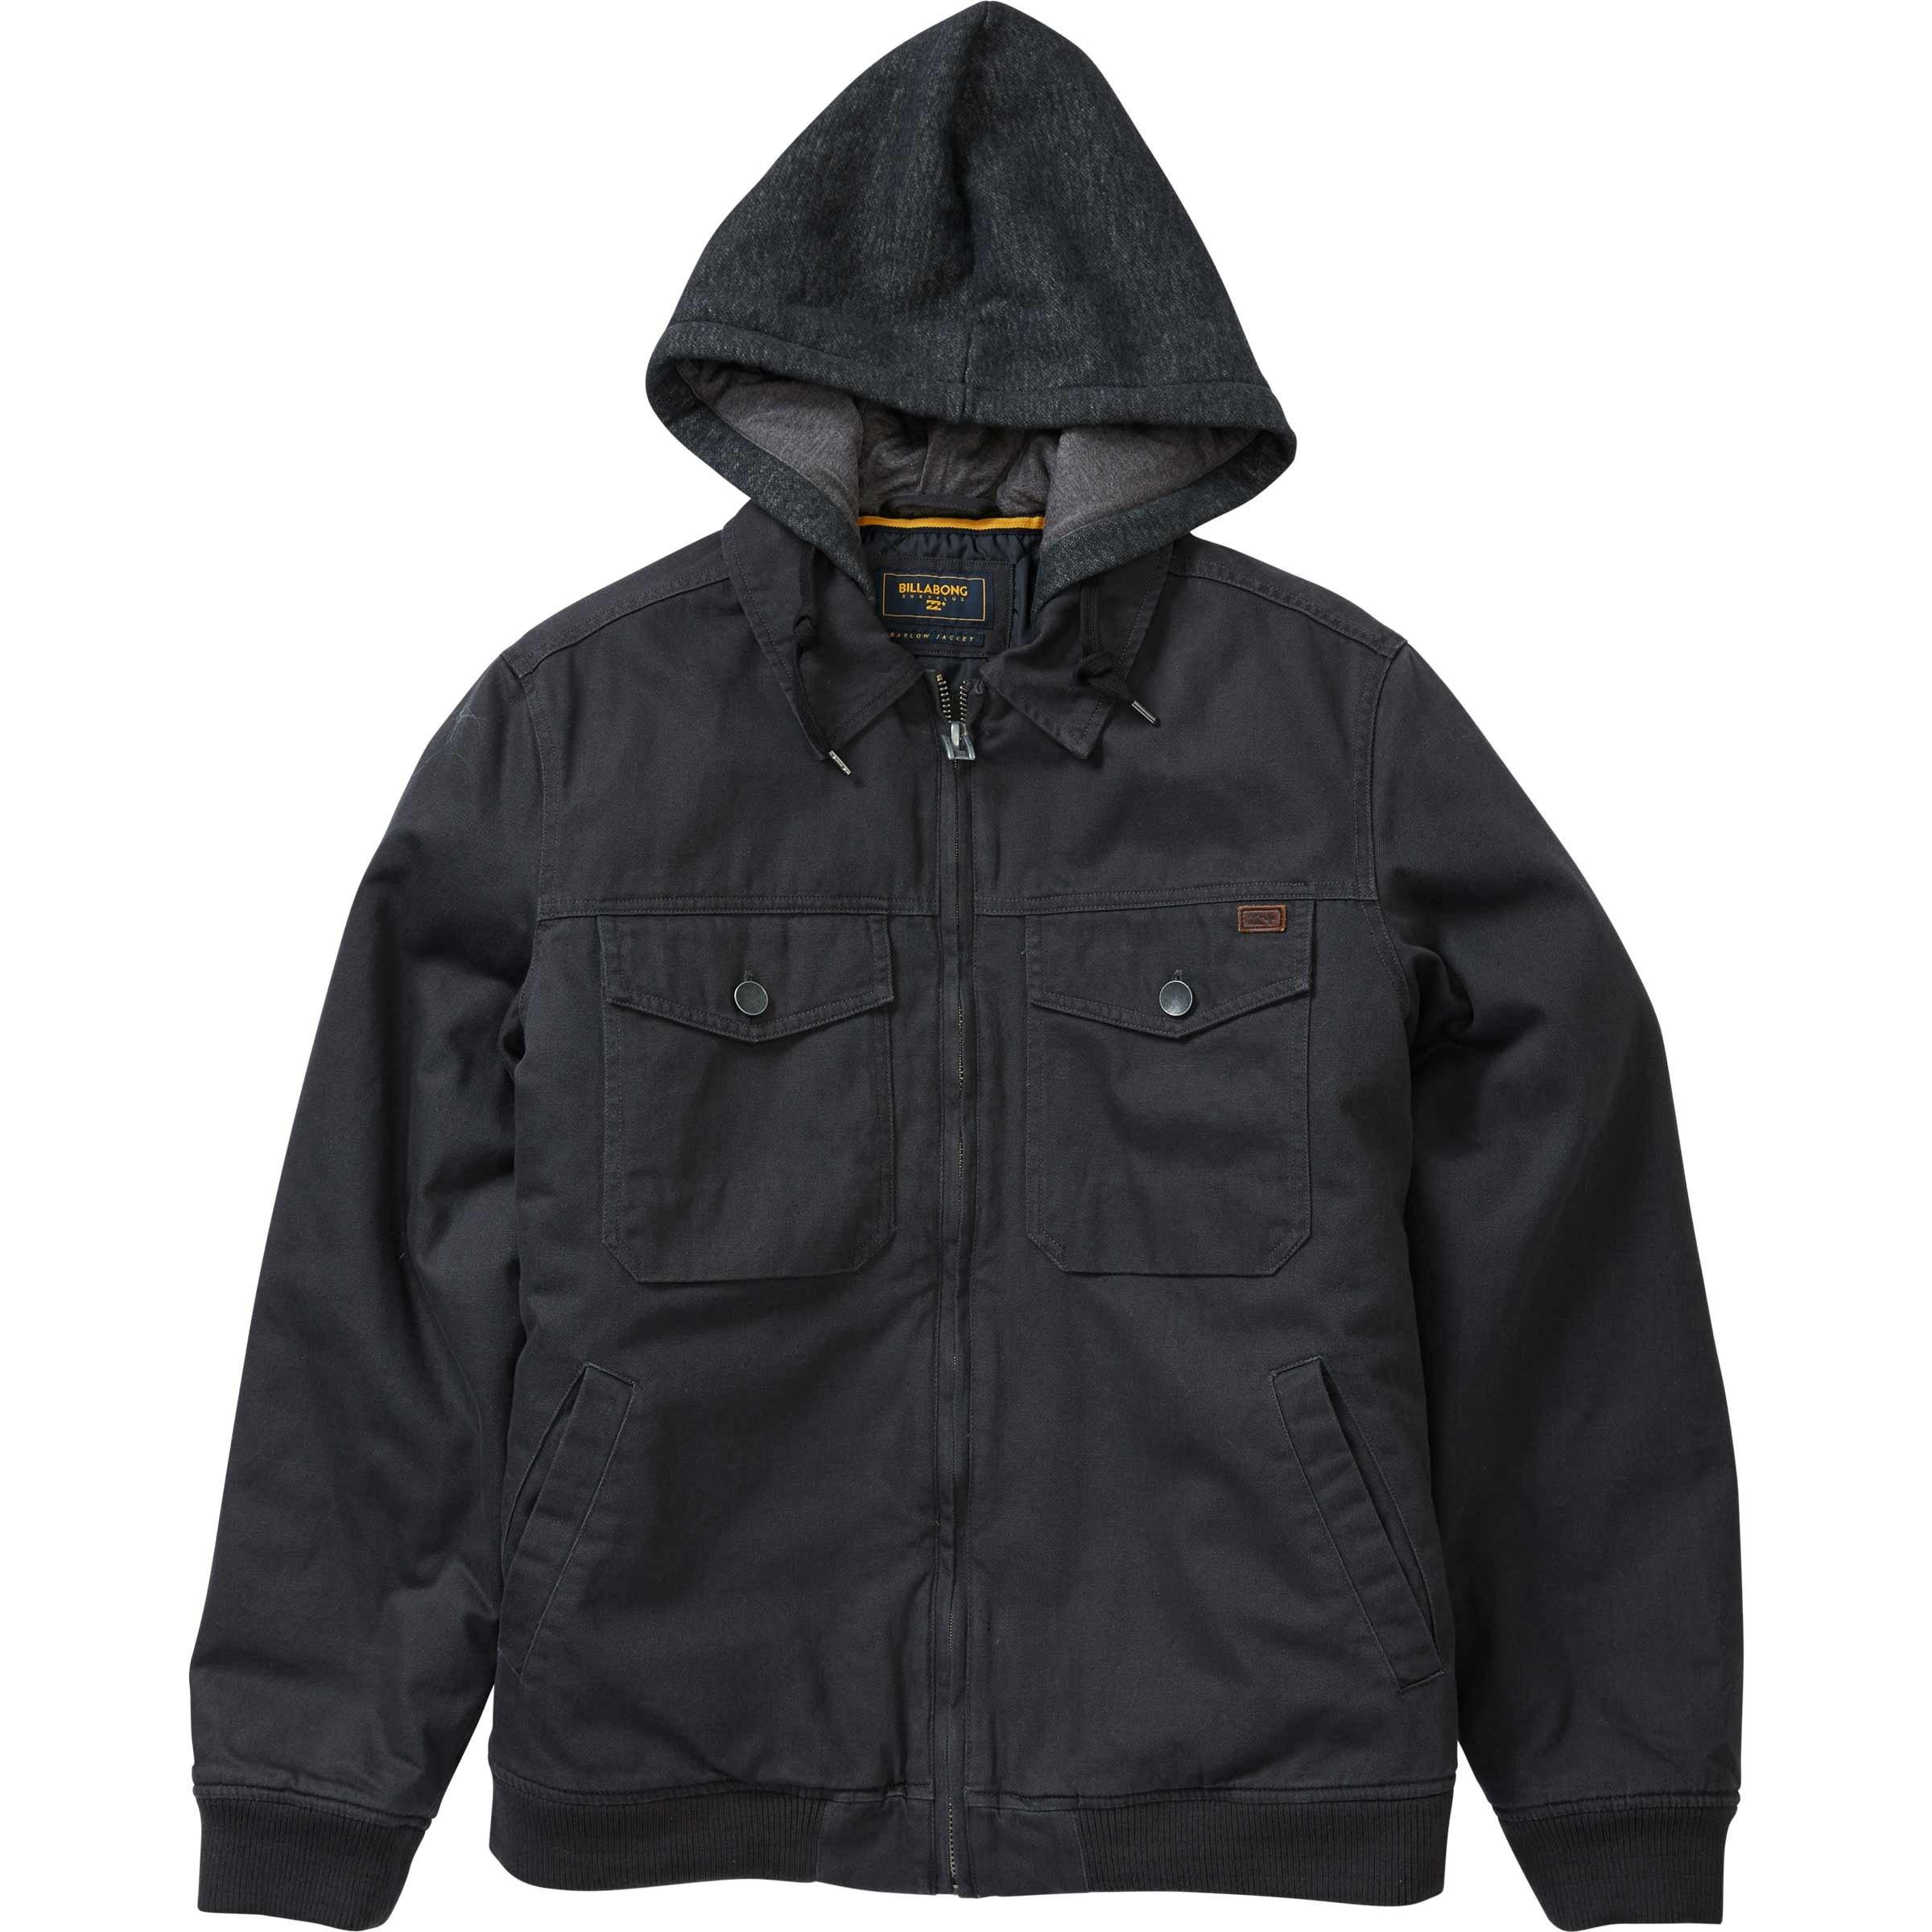 Billabong Men's Barlow Twill Jacket Char Large by Billabong